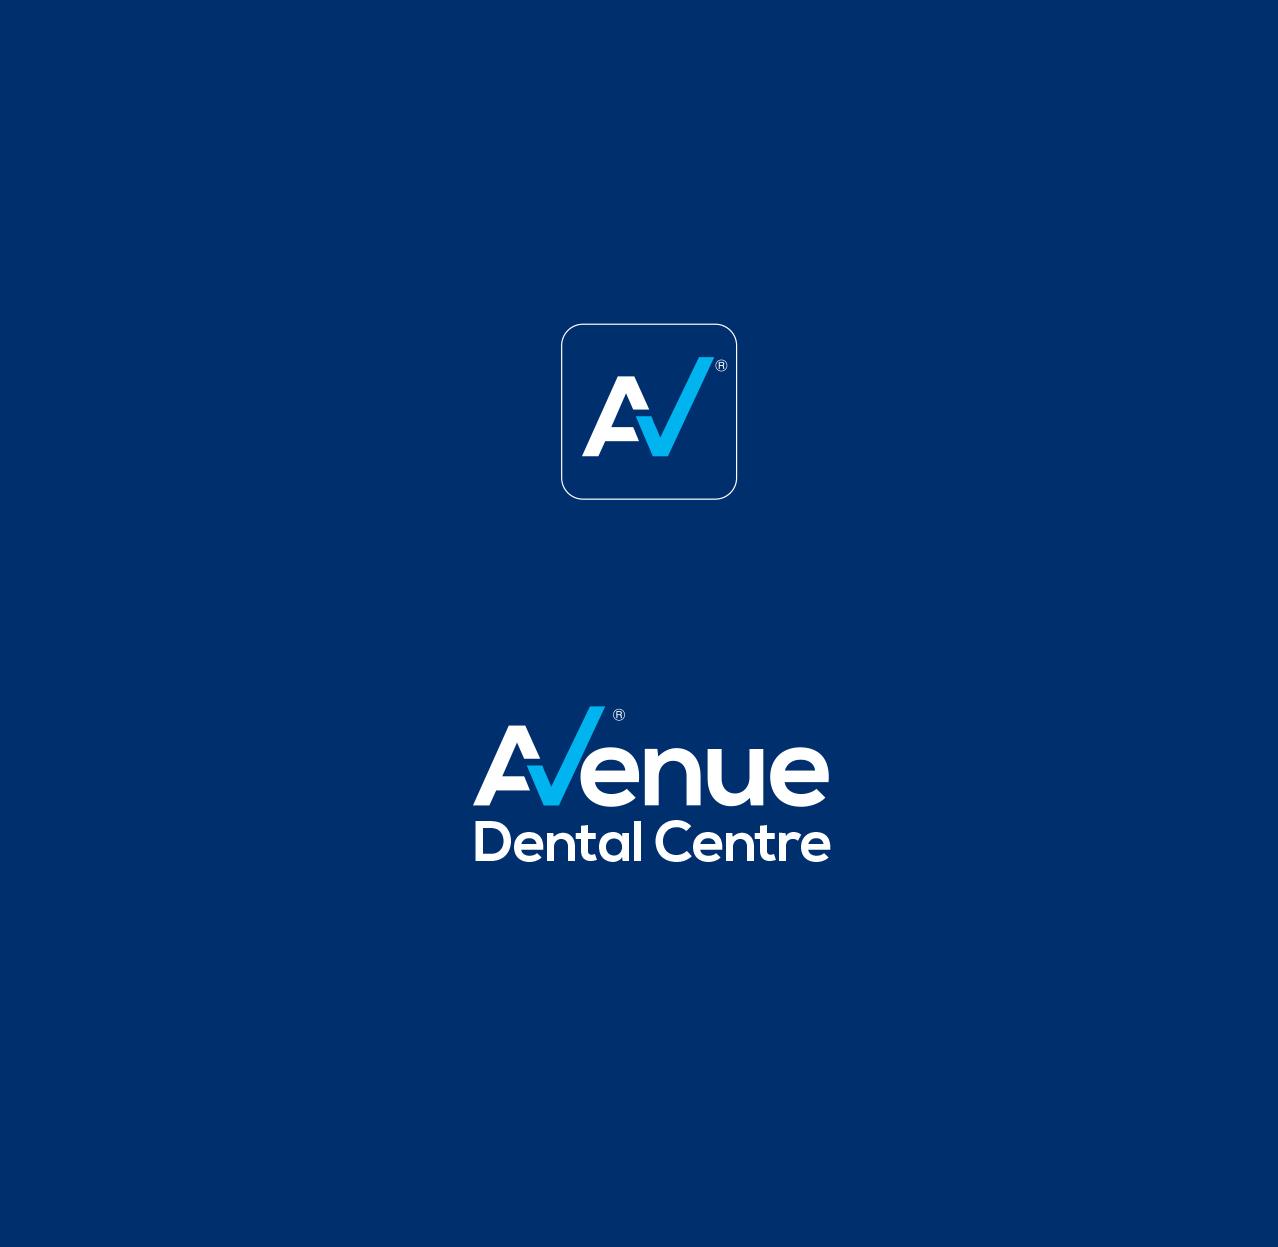 avenue-dental-center-logo2